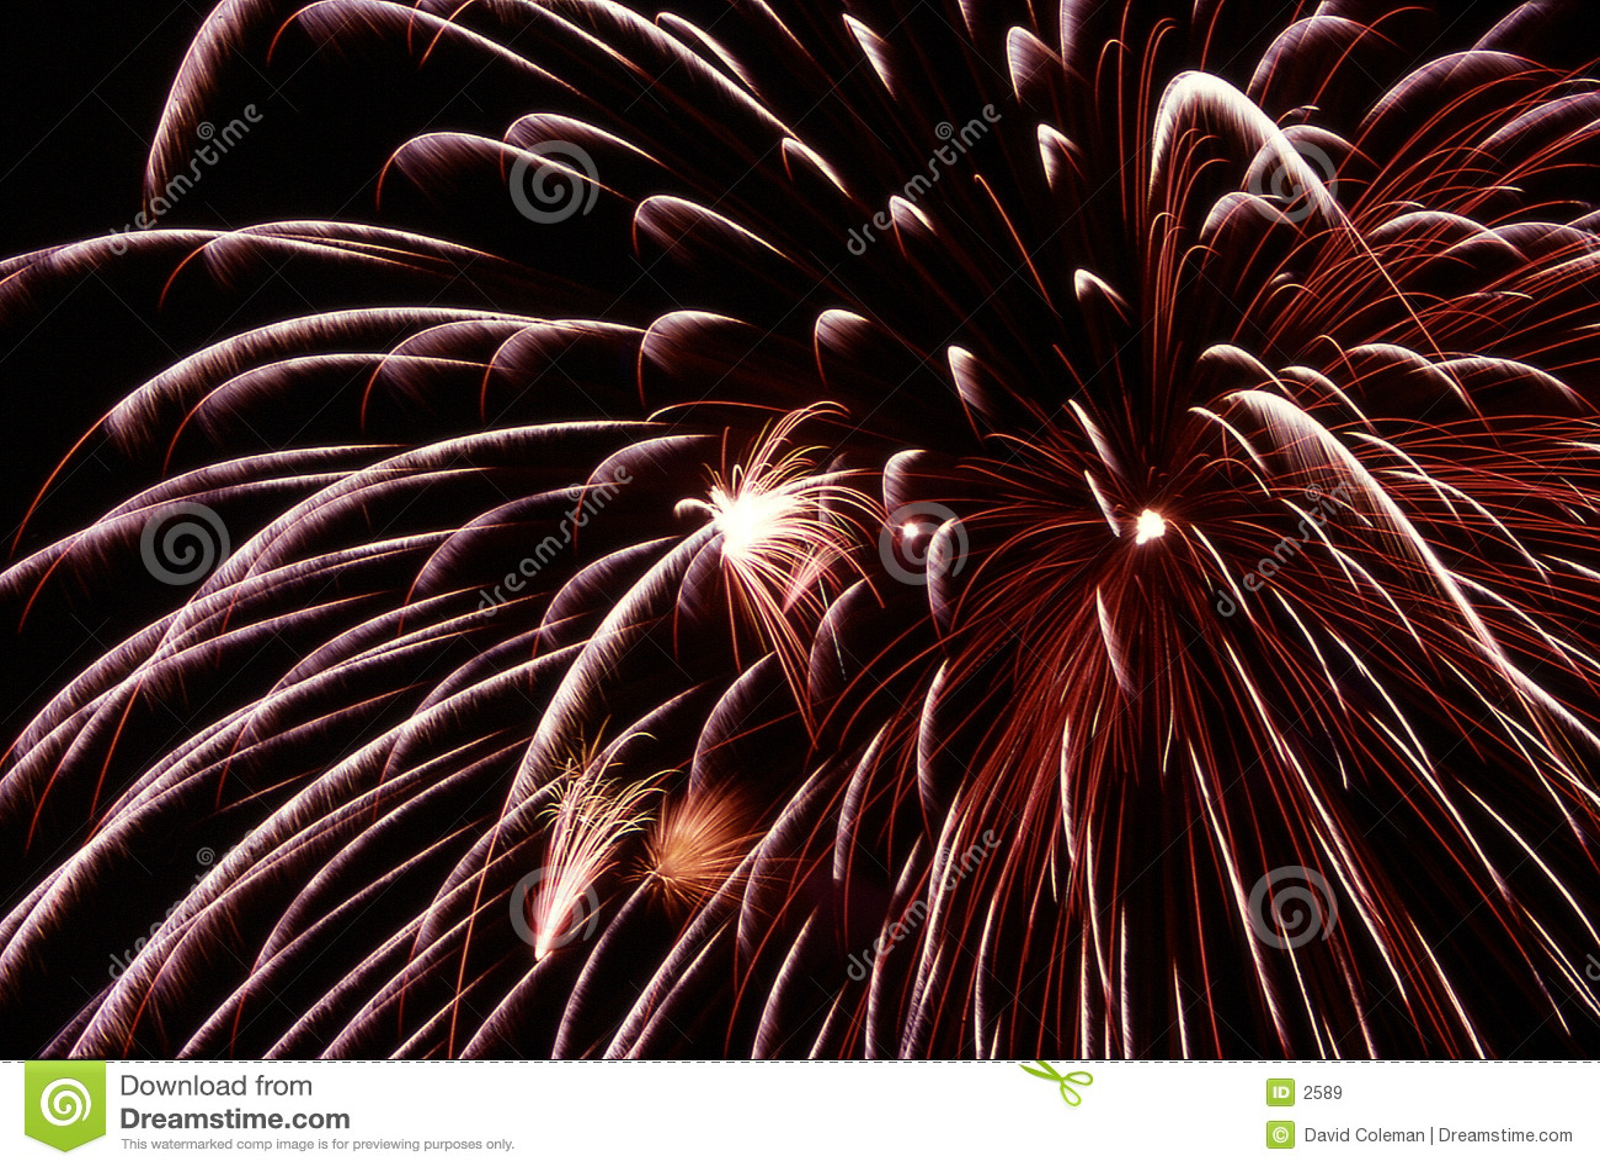 Burst fireworks